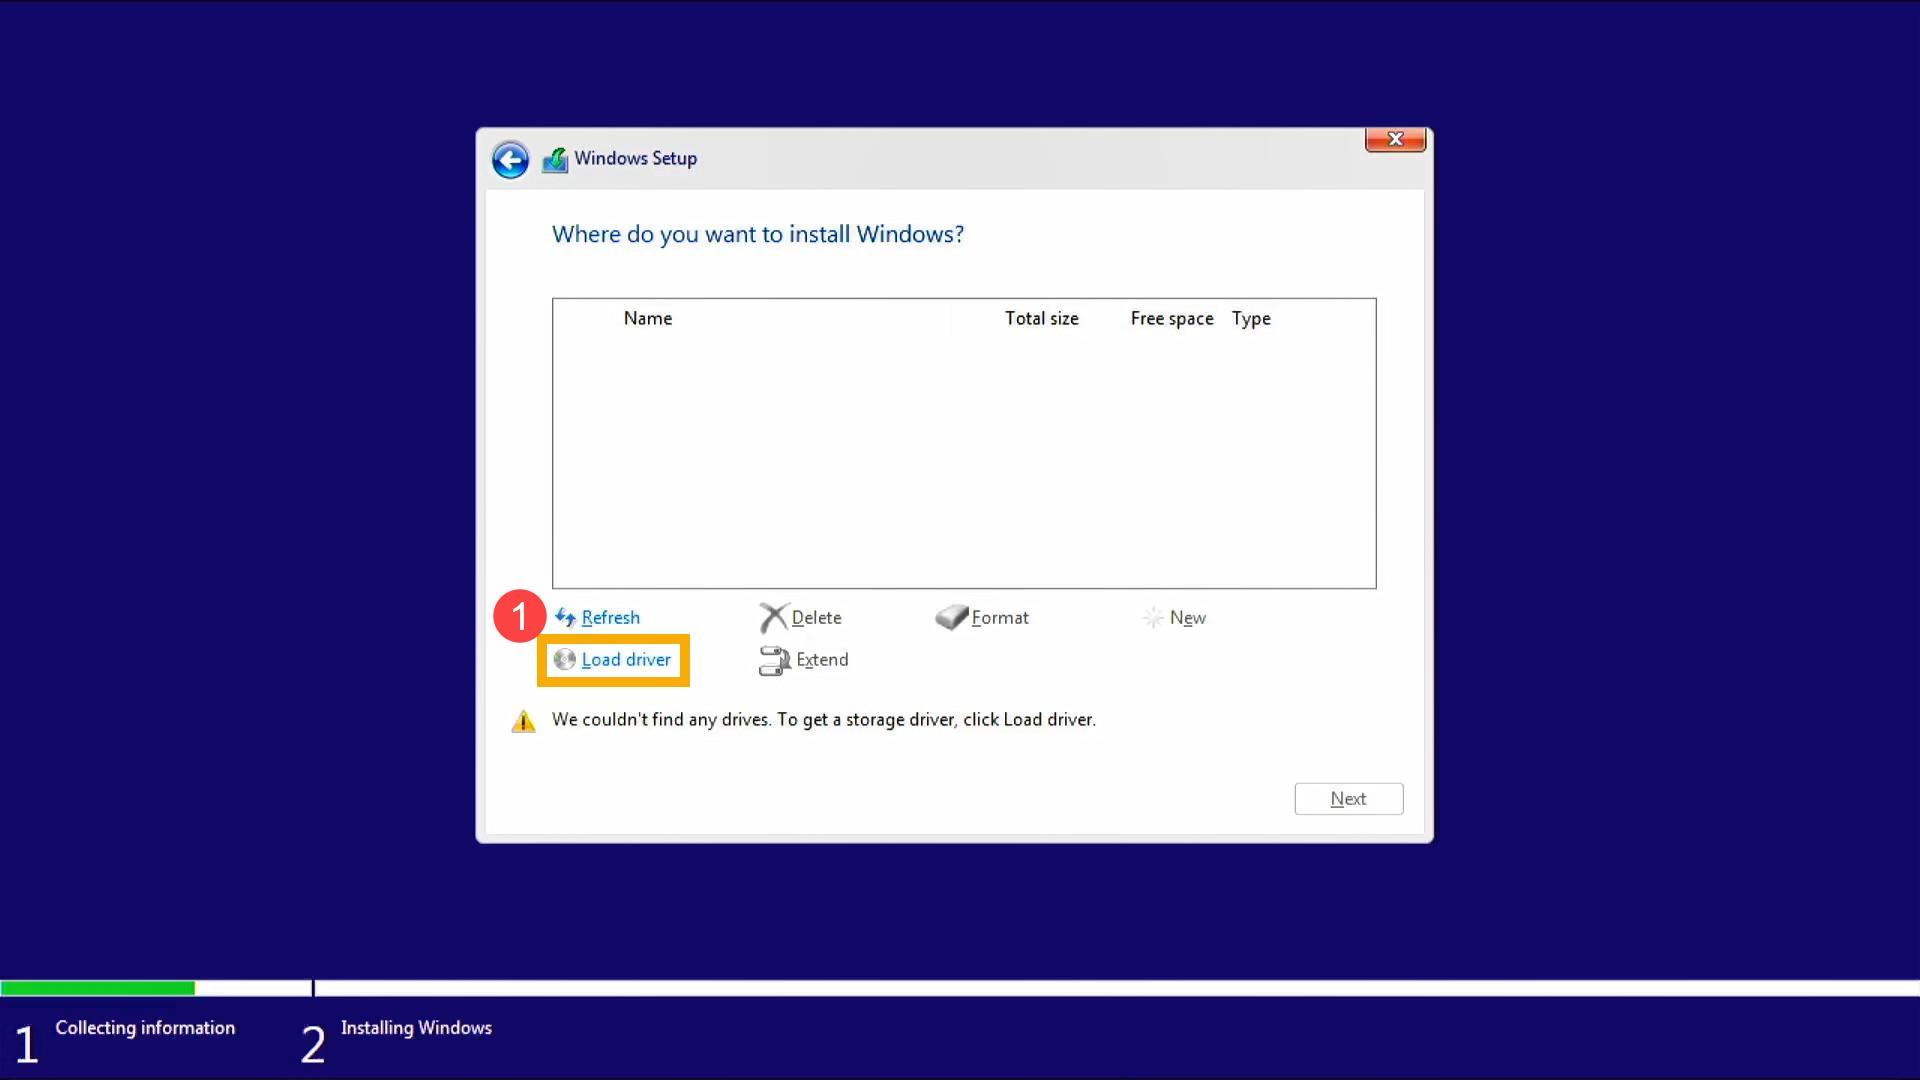 Windows 10 Hiçbir Sürücü Bulunamadı